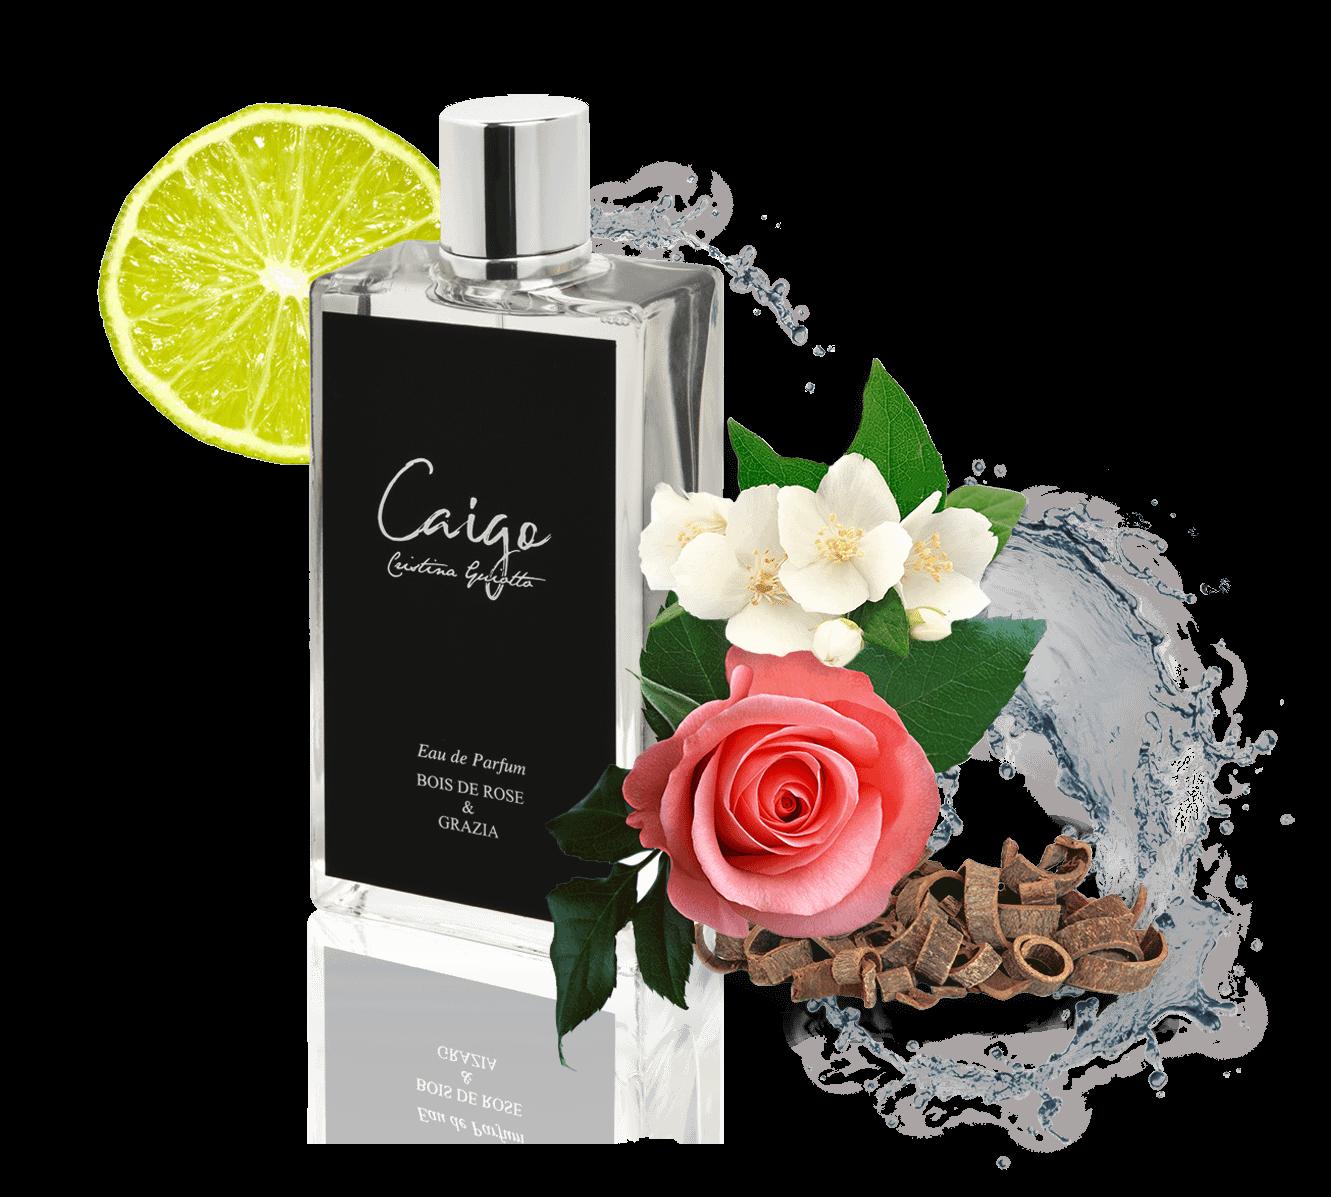 Bois de Rose & Grazia eau de parfums